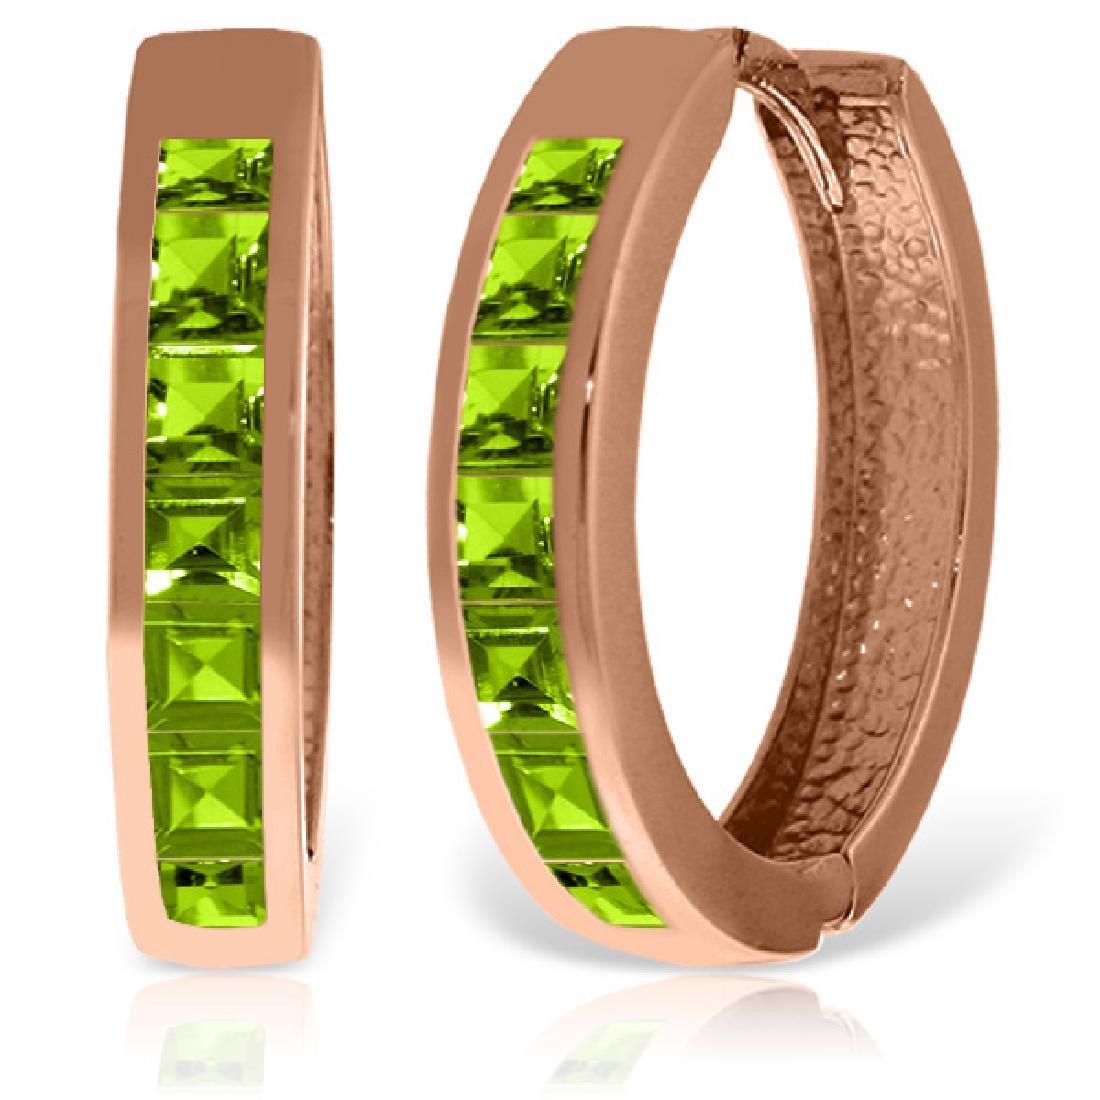 Genuine 1.40 ctw Peridot Earrings Jewelry 14KT Rose